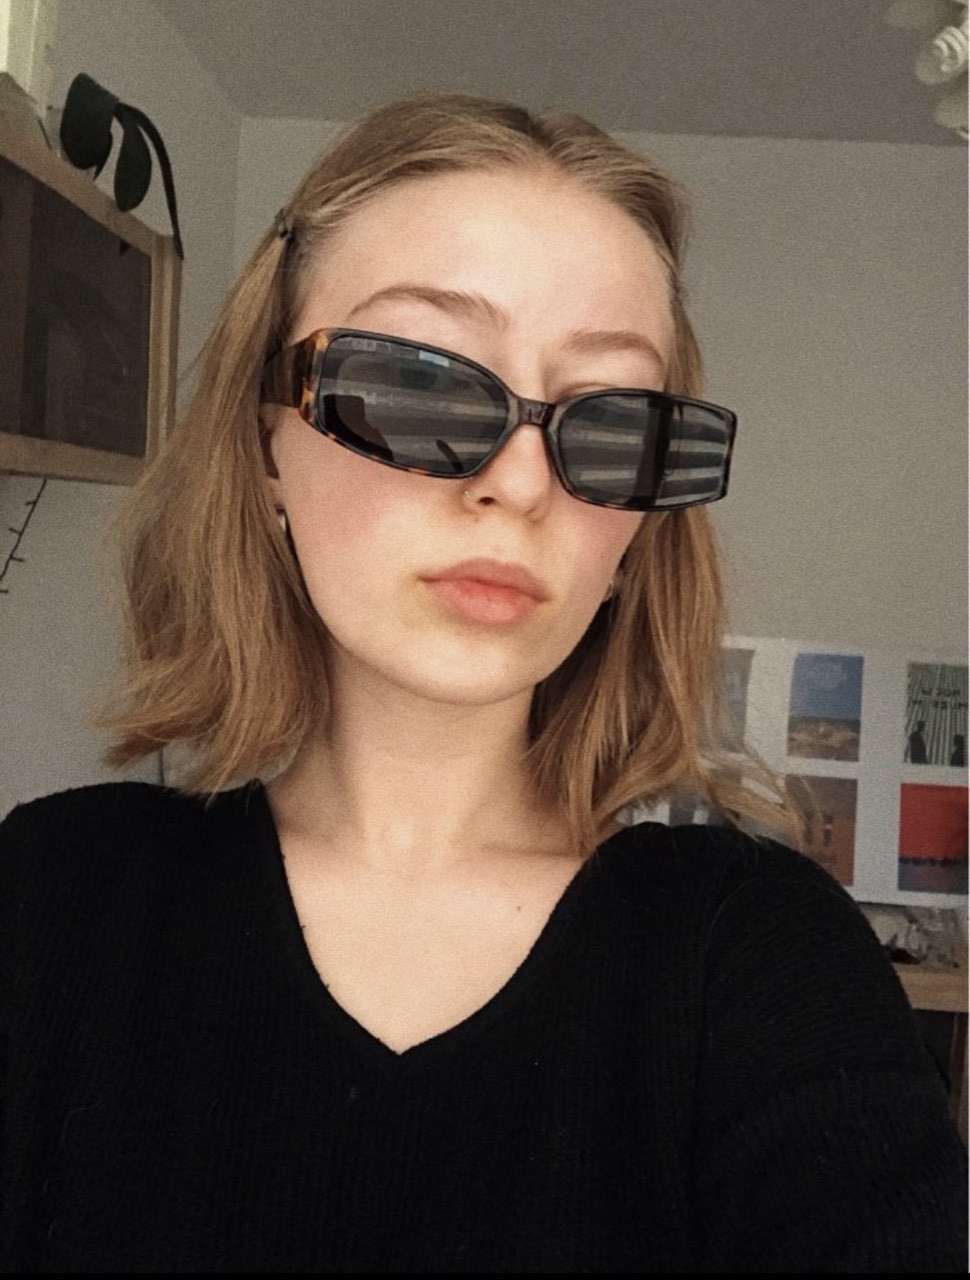 Хипстерские квадратные очки 24401tezOh, фото 1